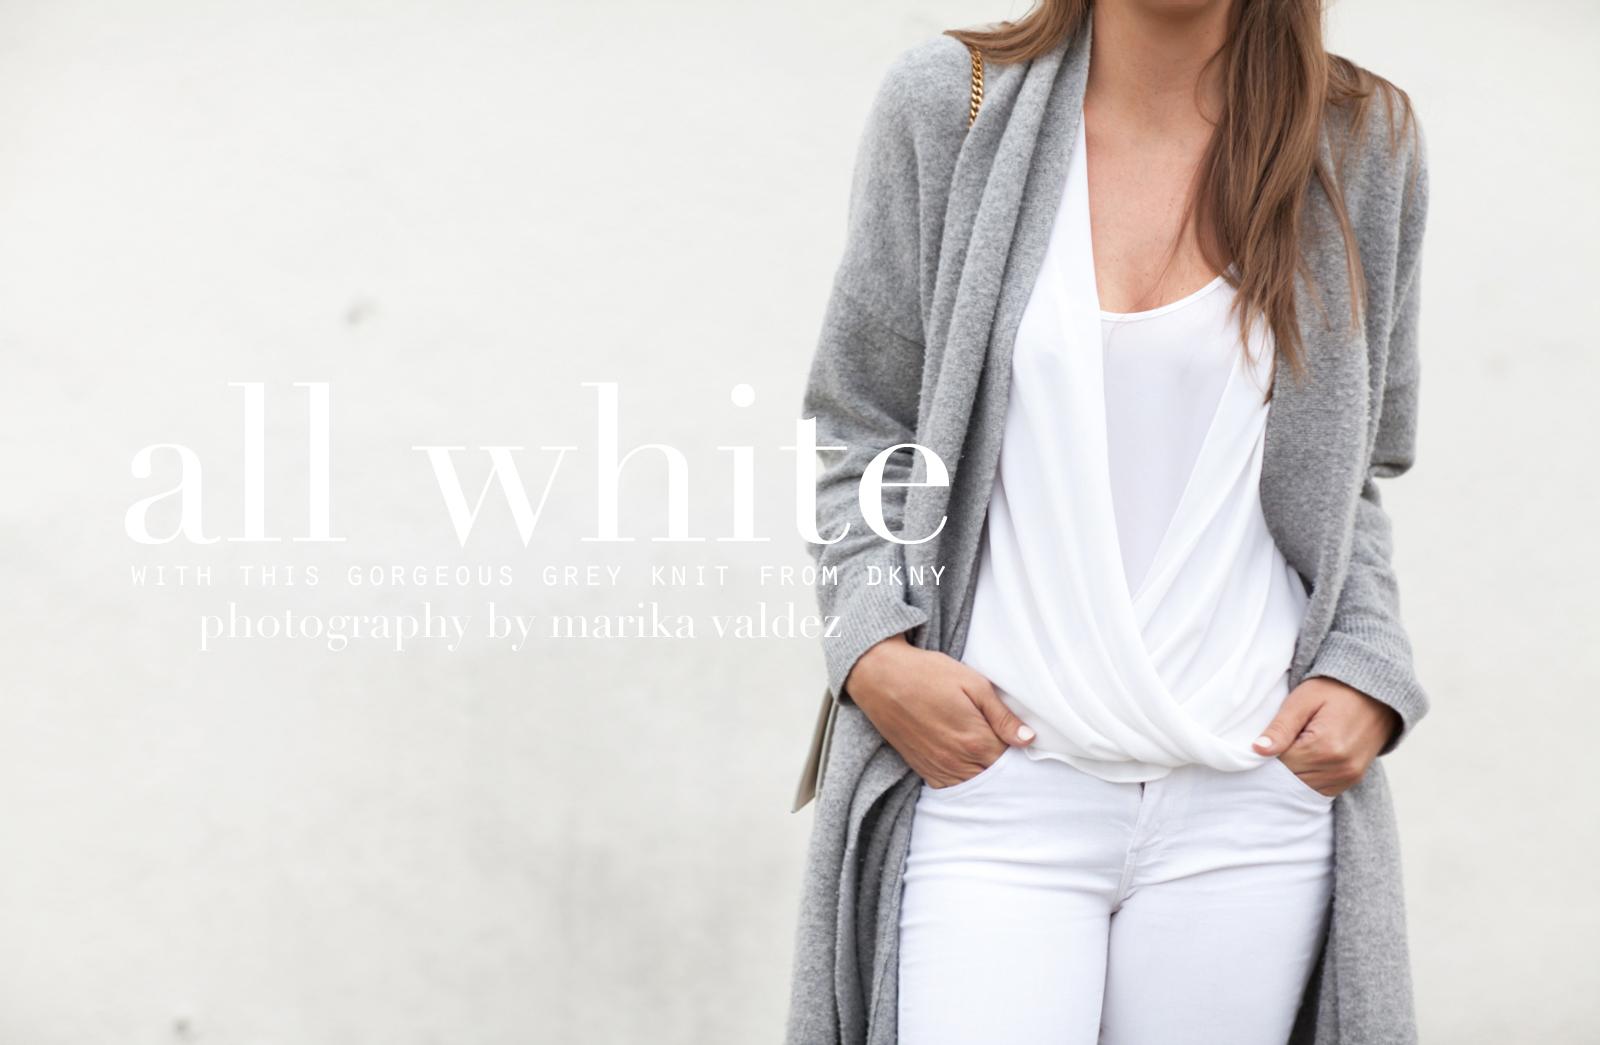 harmaa neule valkoiset housut long beach-5343title